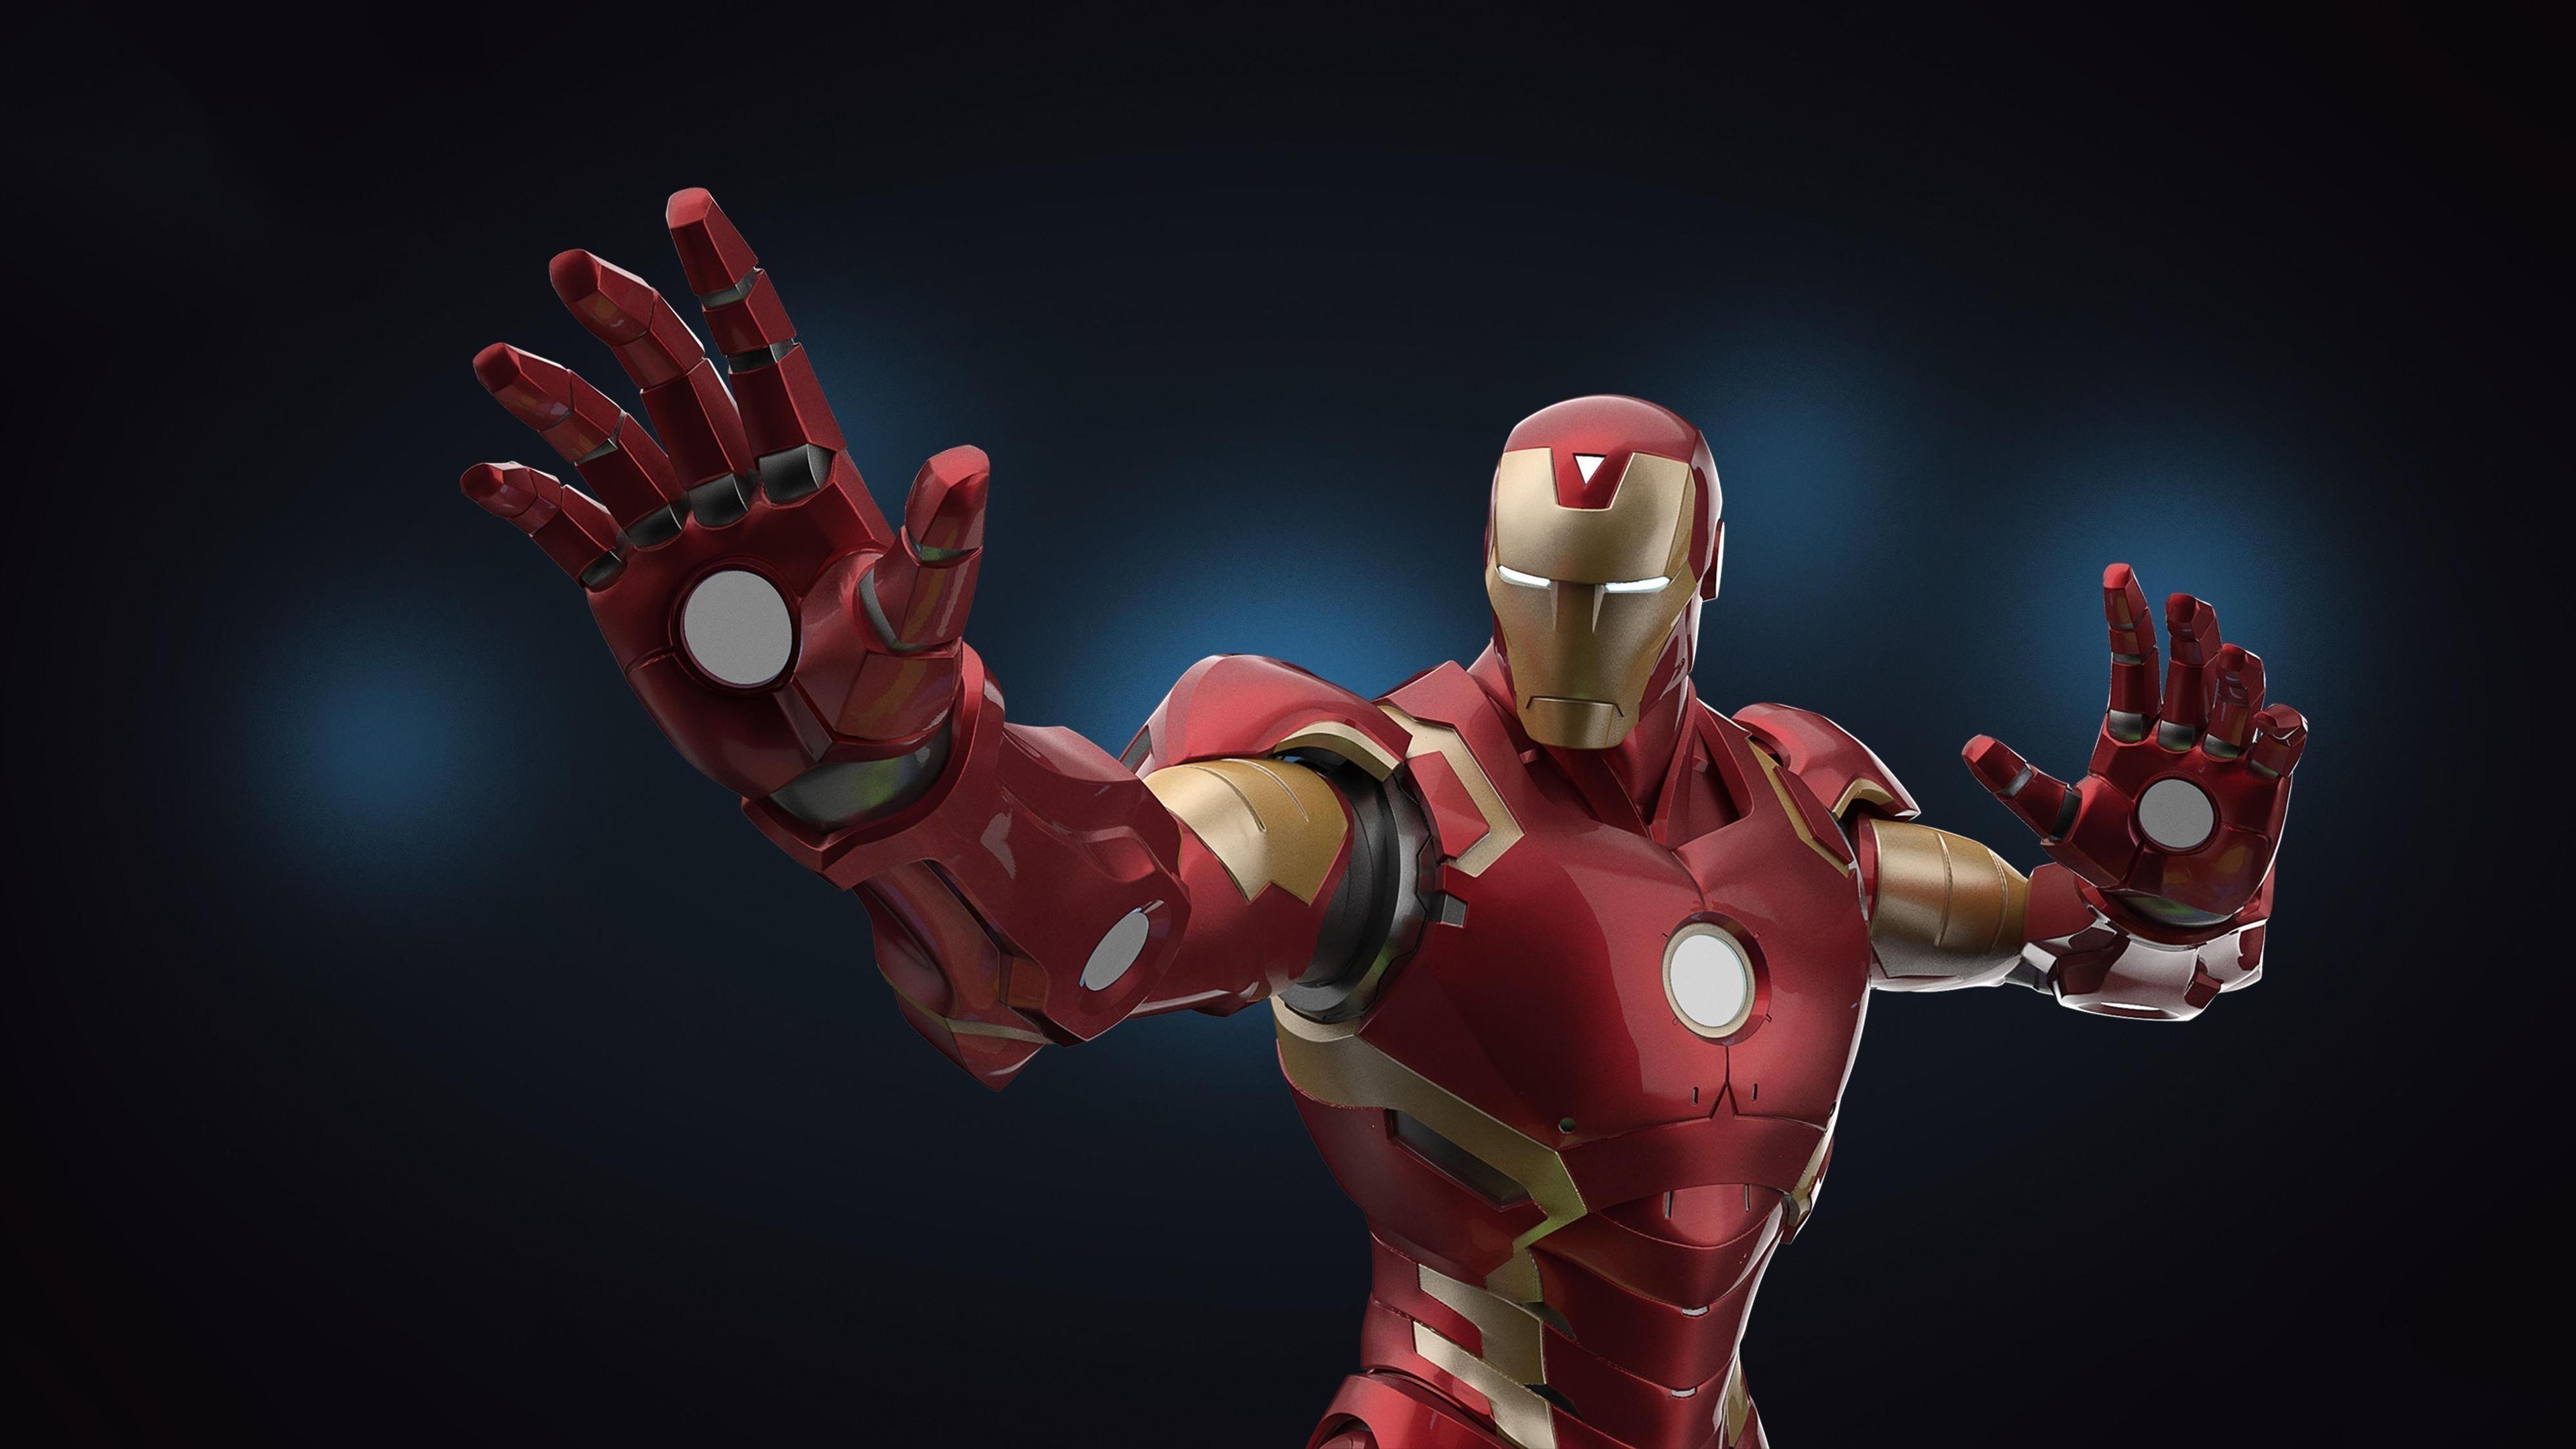 marvel vs capcom 3 iron man 2019 4k 1553074659 - Marvel Vs Capcom 3 Iron Man 2019 4k - superheroes wallpapers, marvel vs capcom infinite wallpapers, iron man wallpapers, hd-wallpapers, games wallpapers, 4k-wallpapers